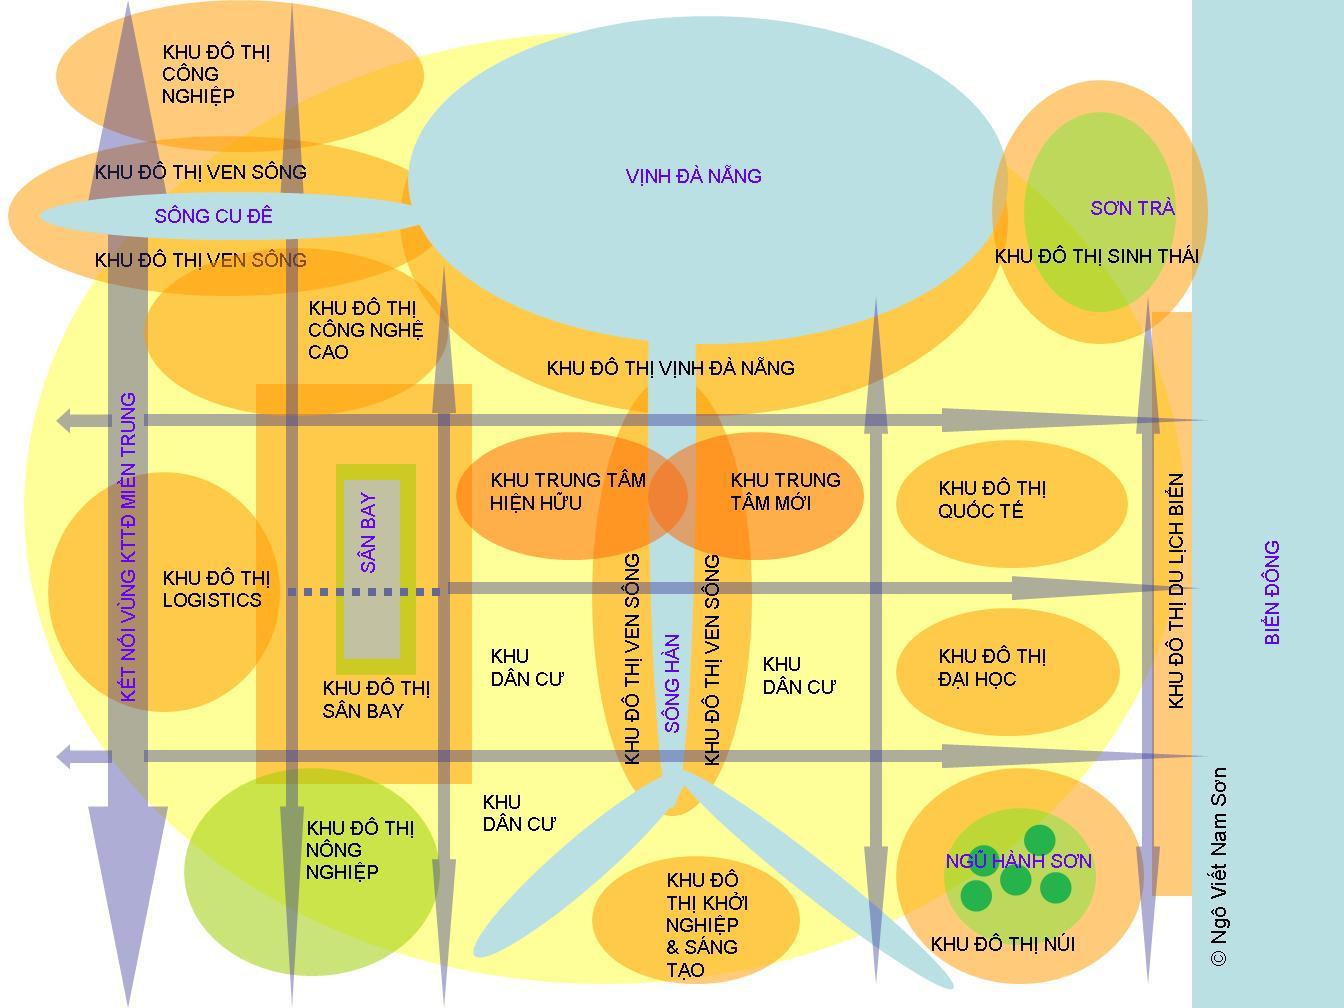 Hình 1 – Sơ đồ Bản sắc các Khu đô thị Cũ và Mới của Đà Nẵng, trong đó bao gồm Khu Đô thị Sân bay ở phía Tây, kết nối trực tiếp với Khu trung tâm TP Đà Nẵng và ra biển ở phía Đông (Nguồn: Ngô Viết Nam Sơn, 2020)